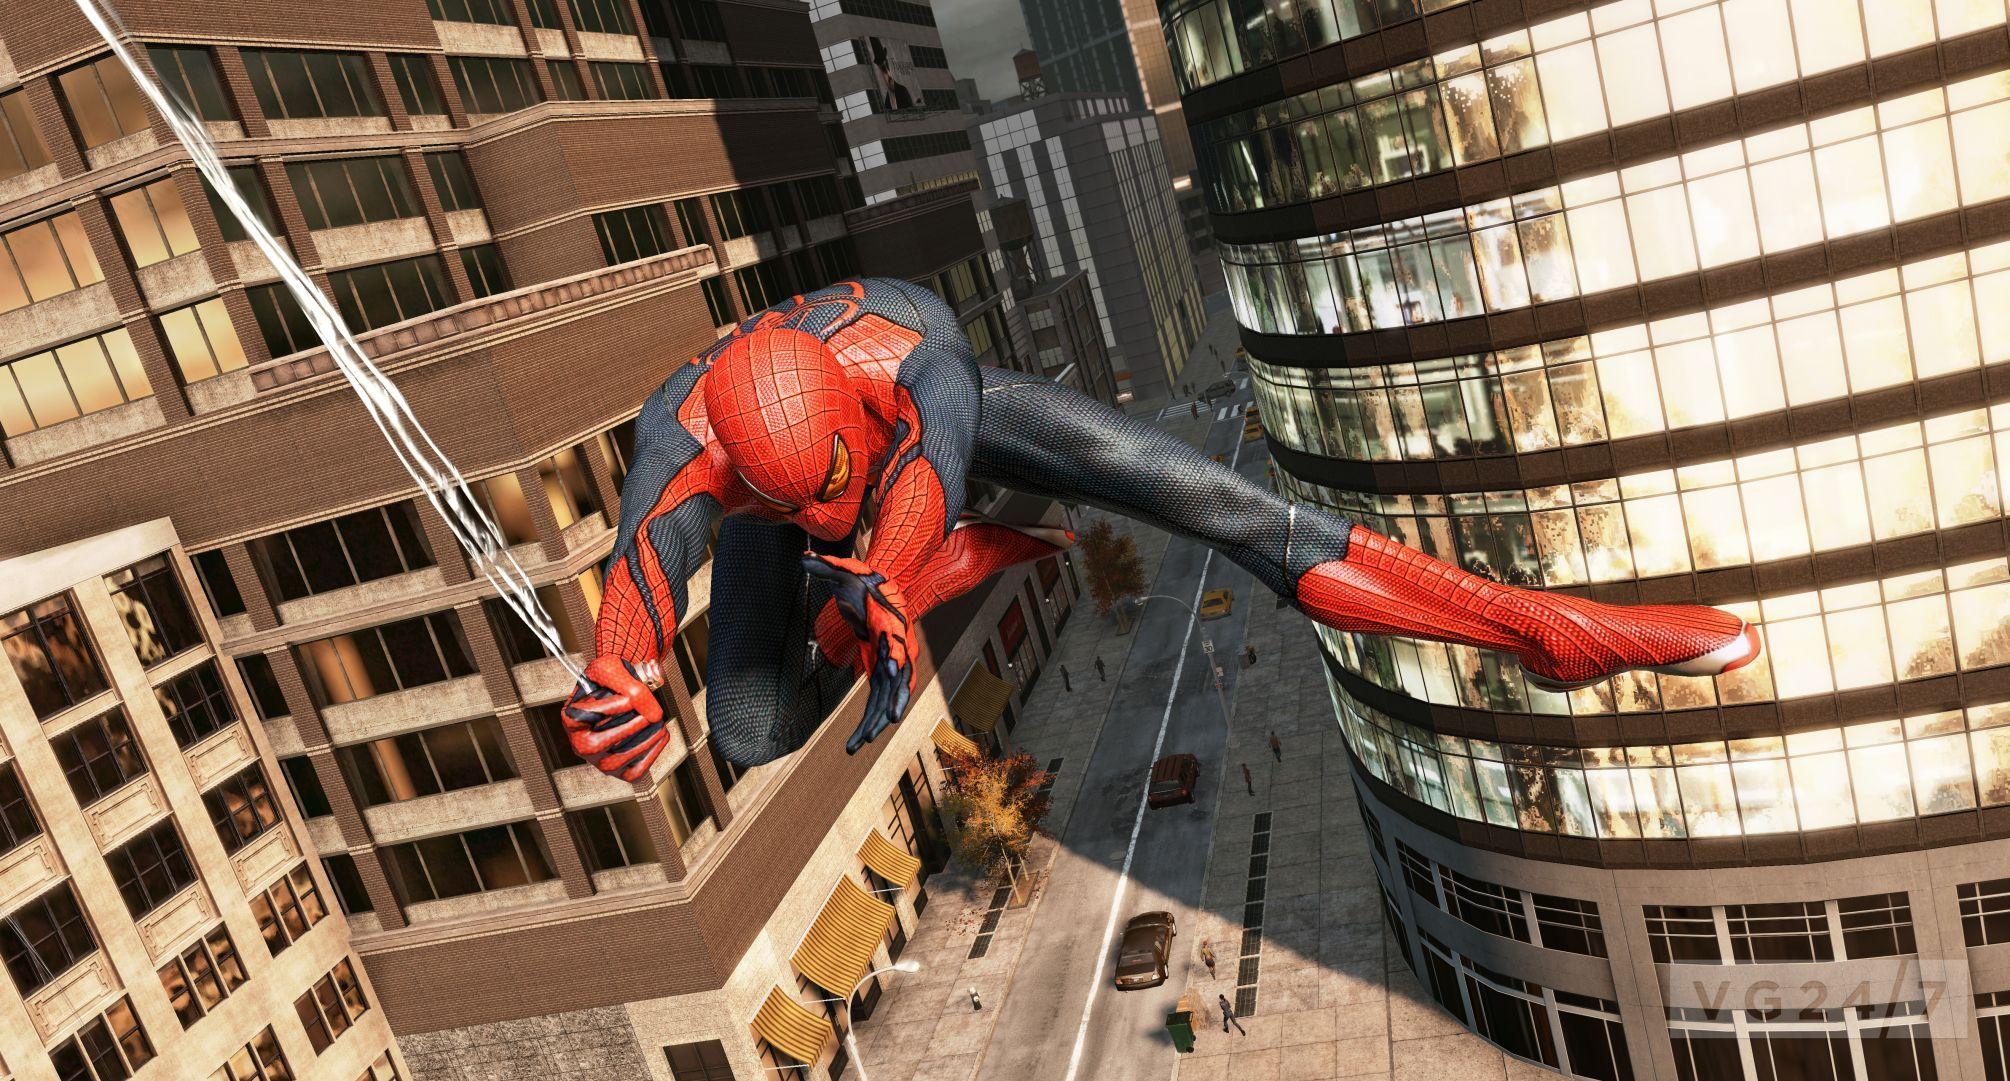 游戏资讯_蜘蛛侠现身PC 3DM全国首发《神奇蜘蛛侠》正式版_3DM单机